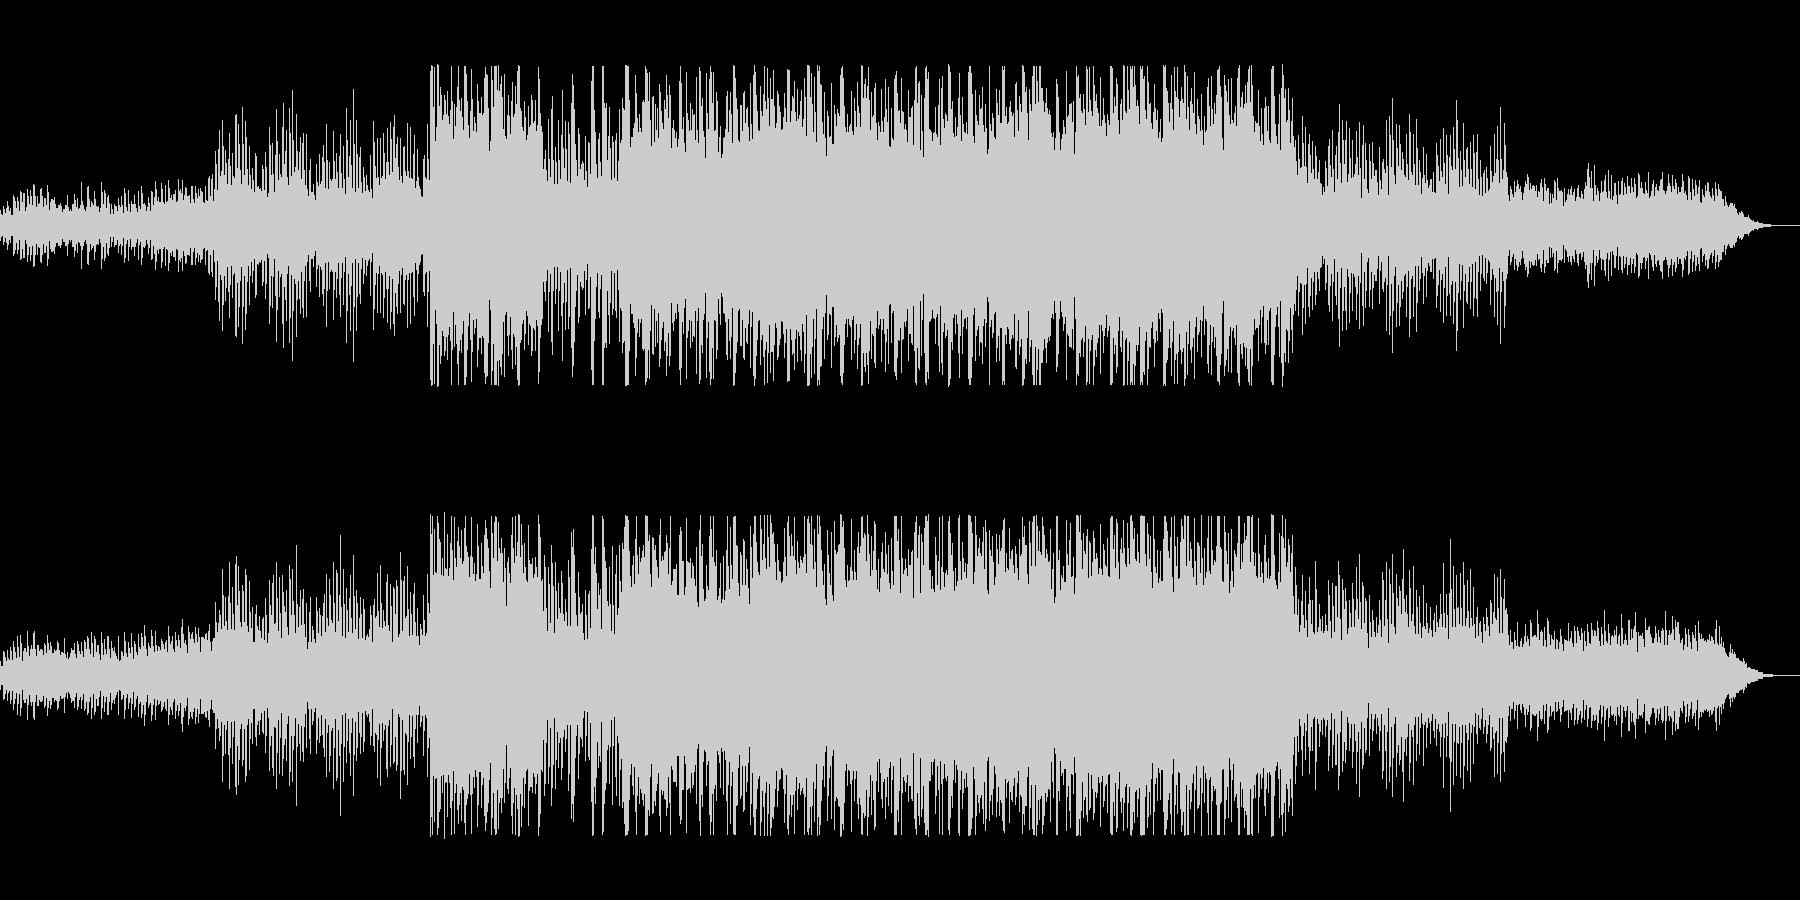 浮遊感なシーケンサーのテクノポップの未再生の波形